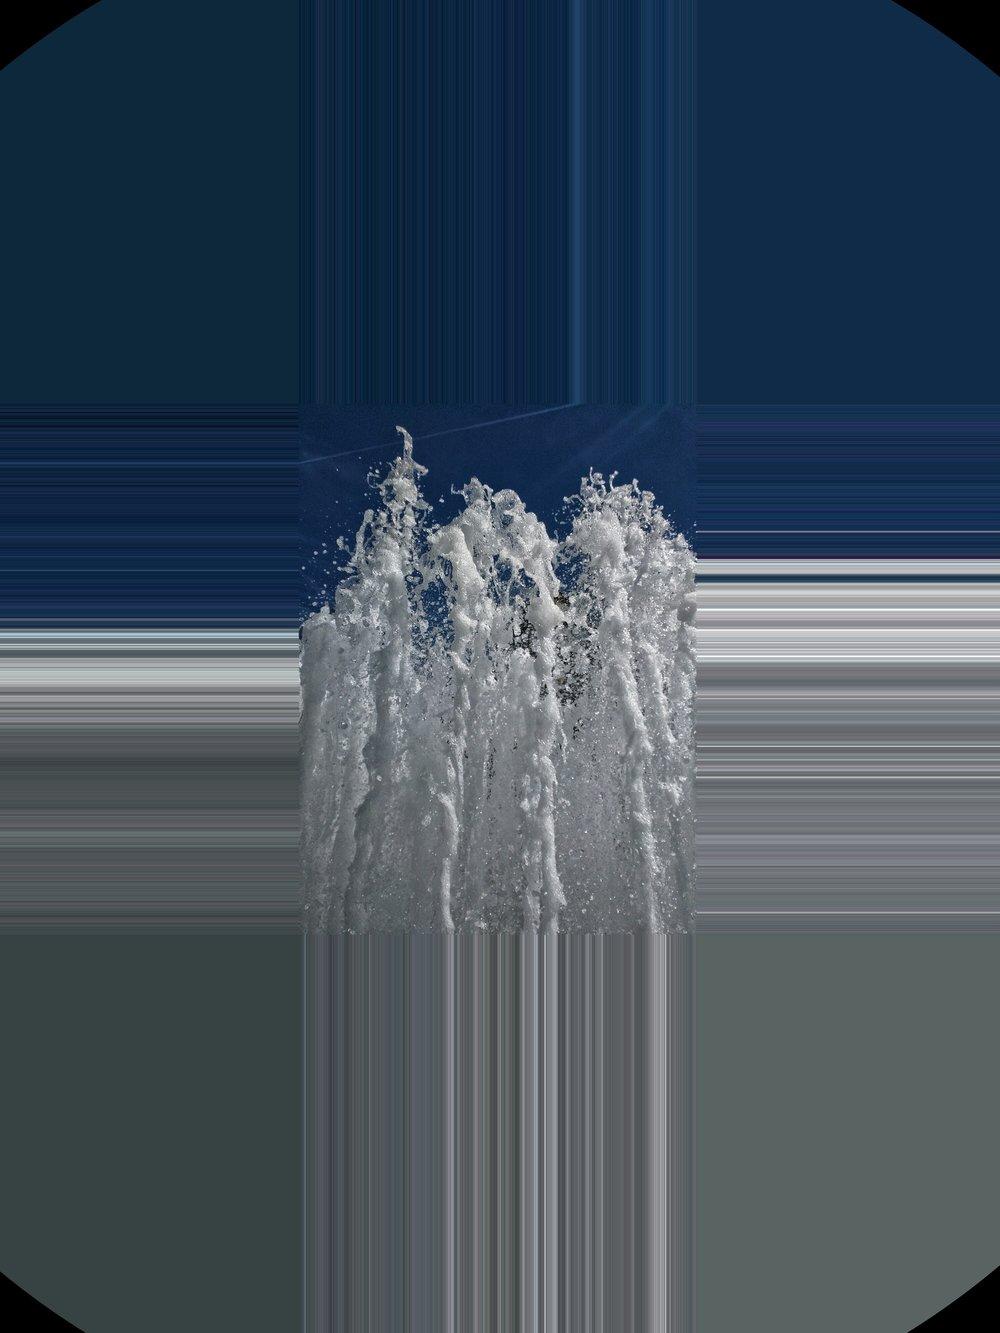 37507677_mirror3.jpg